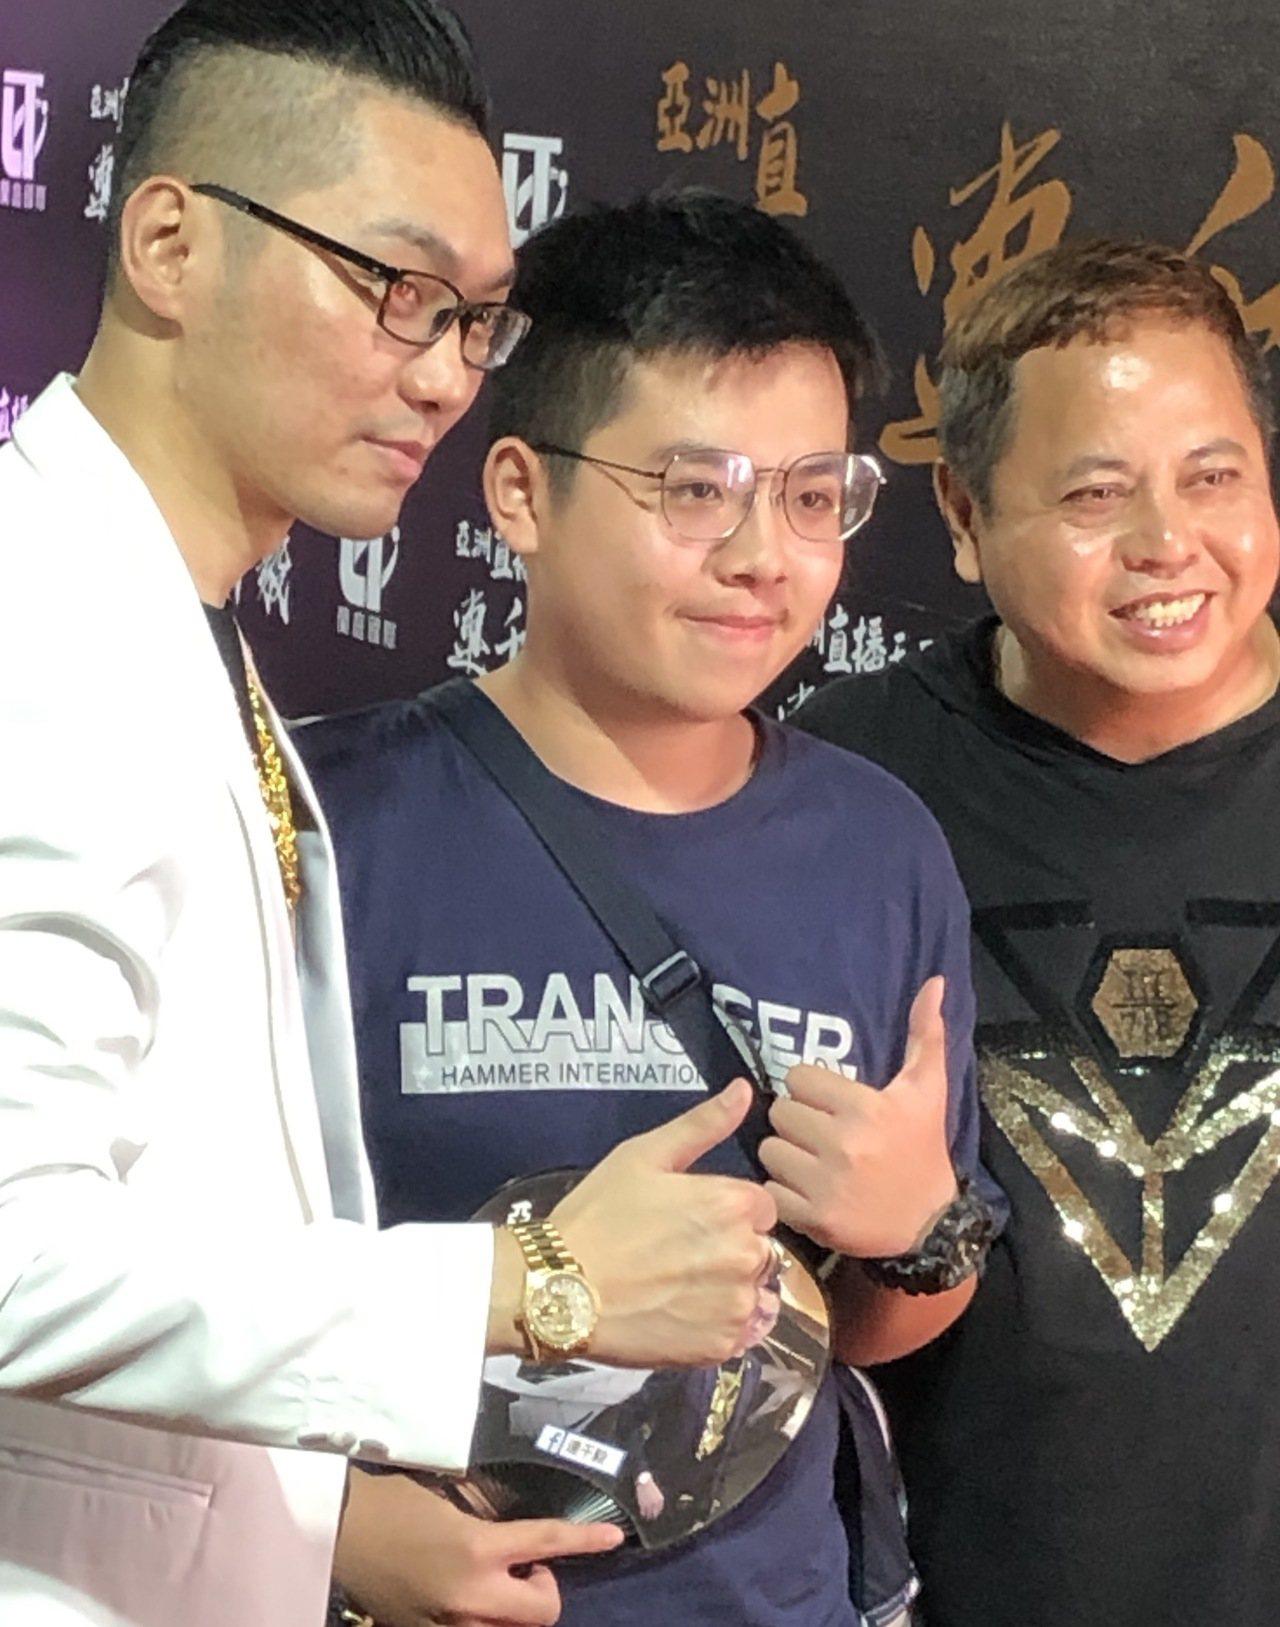 連千毅(左)、黑面(右)兩人不畏恐嚇留言,昨晚到台南市花園夜市與粉絲見面。記者邵...